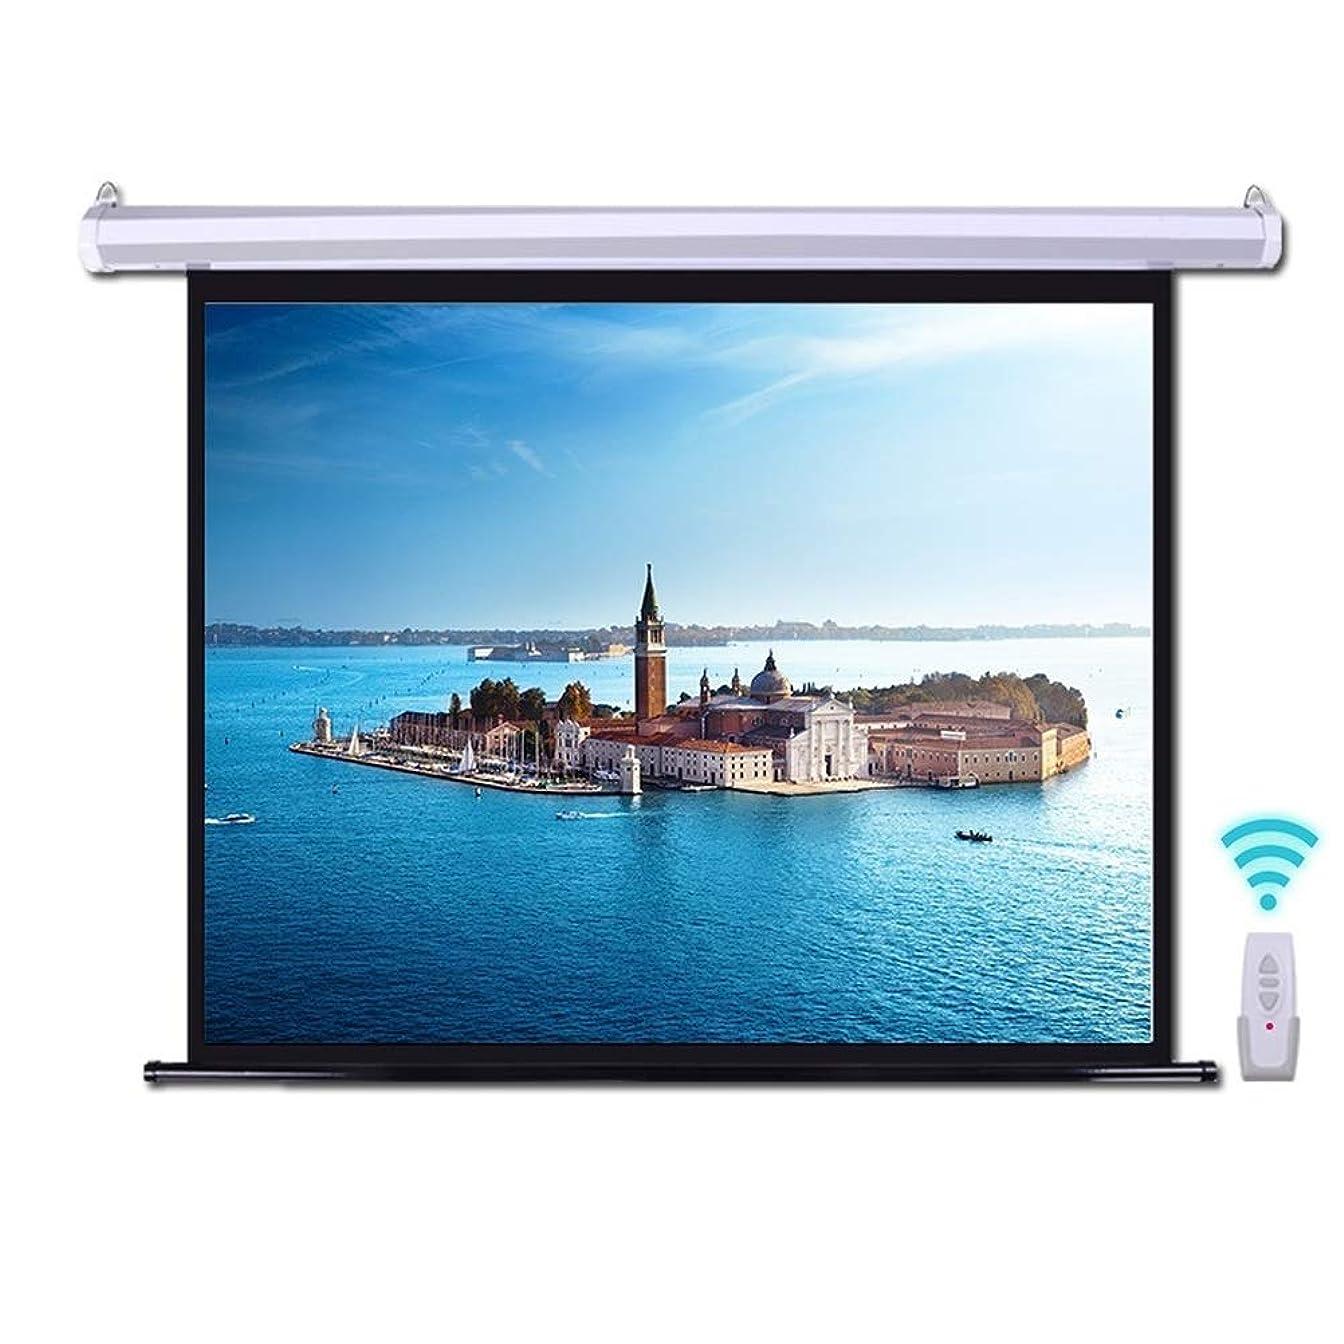 昇る読書をする担保電動プロジェクタースクリーン60インチ (16:9/4:3)3D HD 電動格納 リモコン付き壁掛け 視野角160°屋内自動リフトスクリーン (16:9)